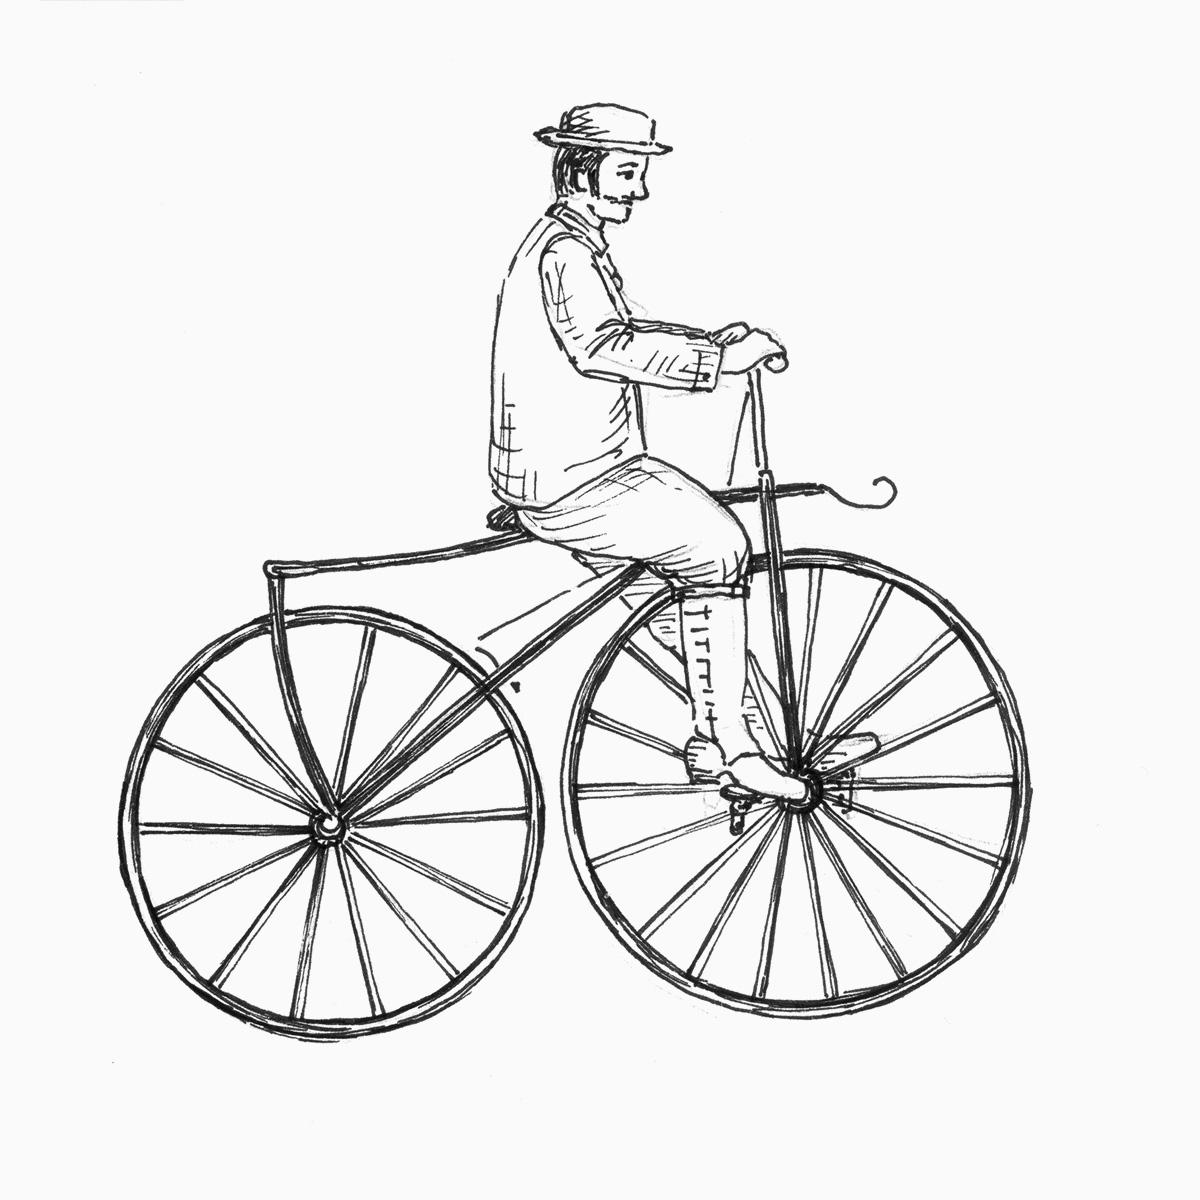 Mann fährt ein Tretkurbel-Velociped (Zeichnung)